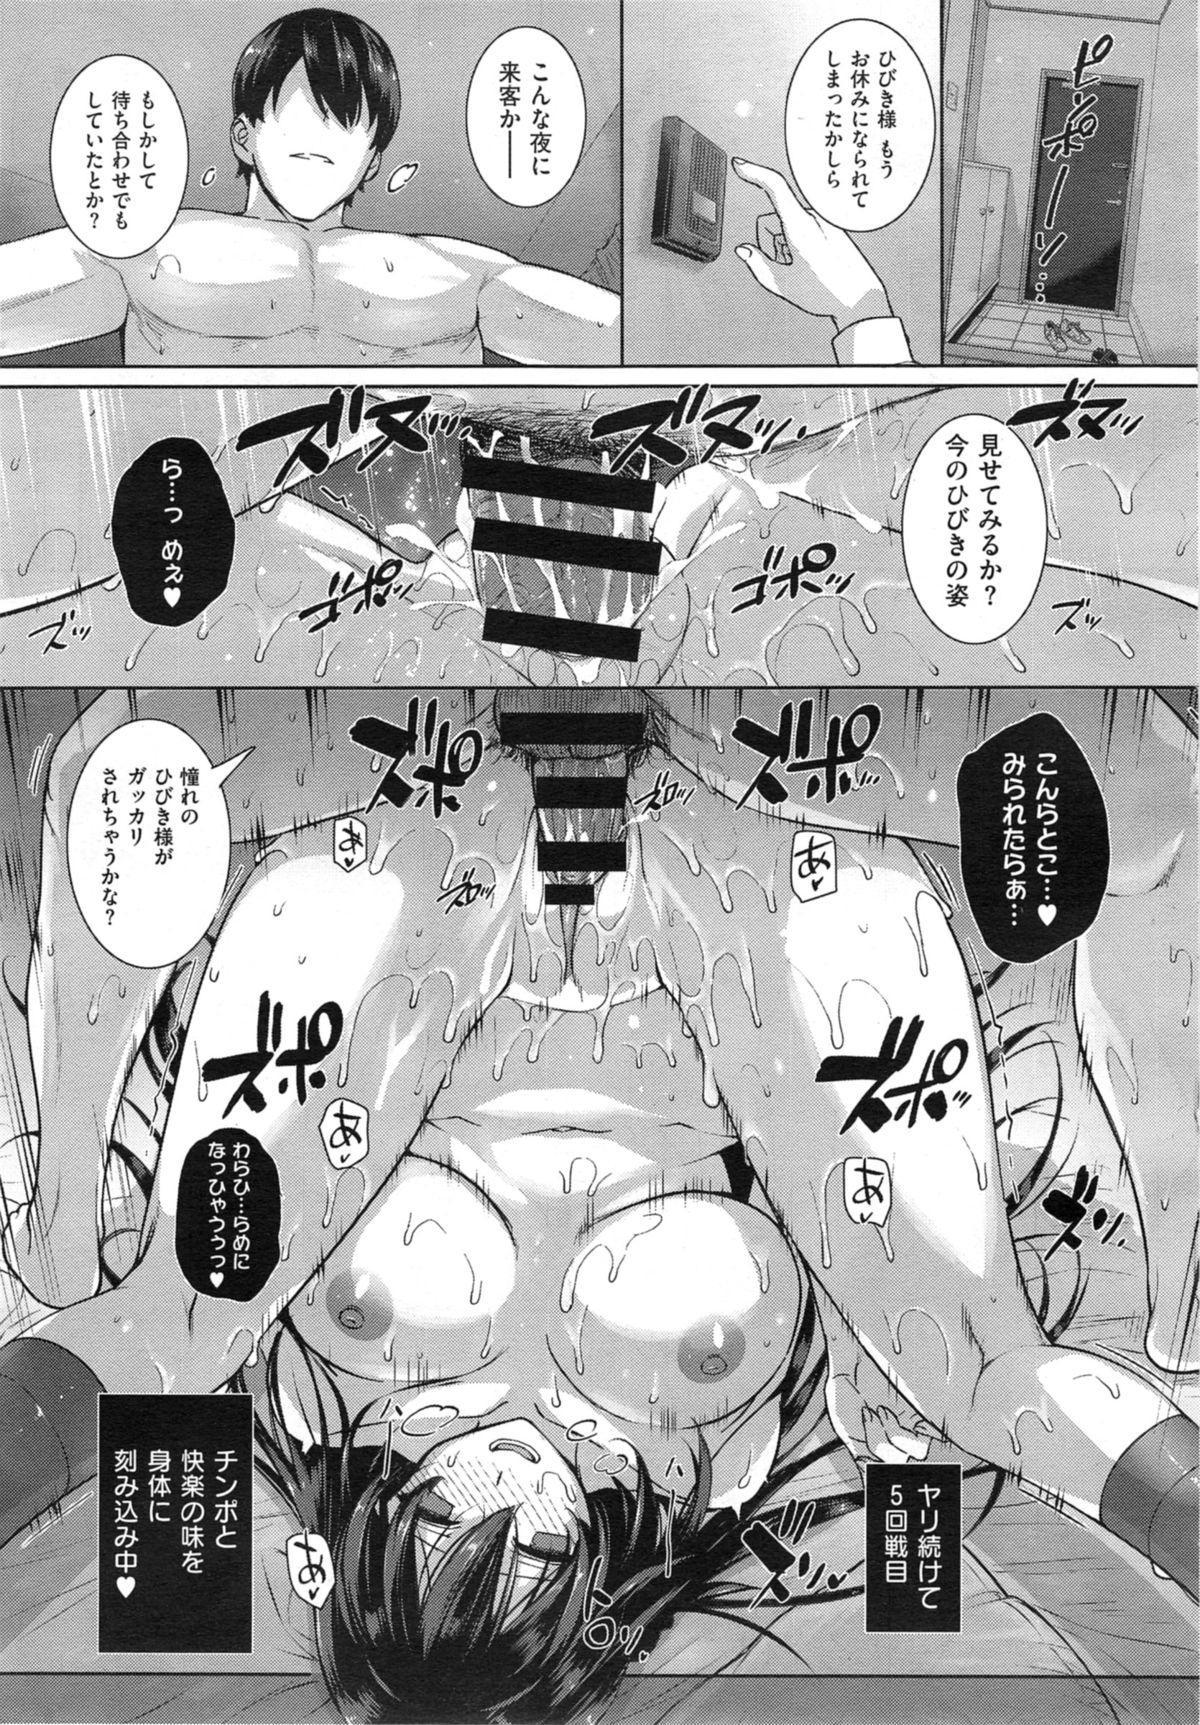 shiramine hibiki no ryoukannisshi 24